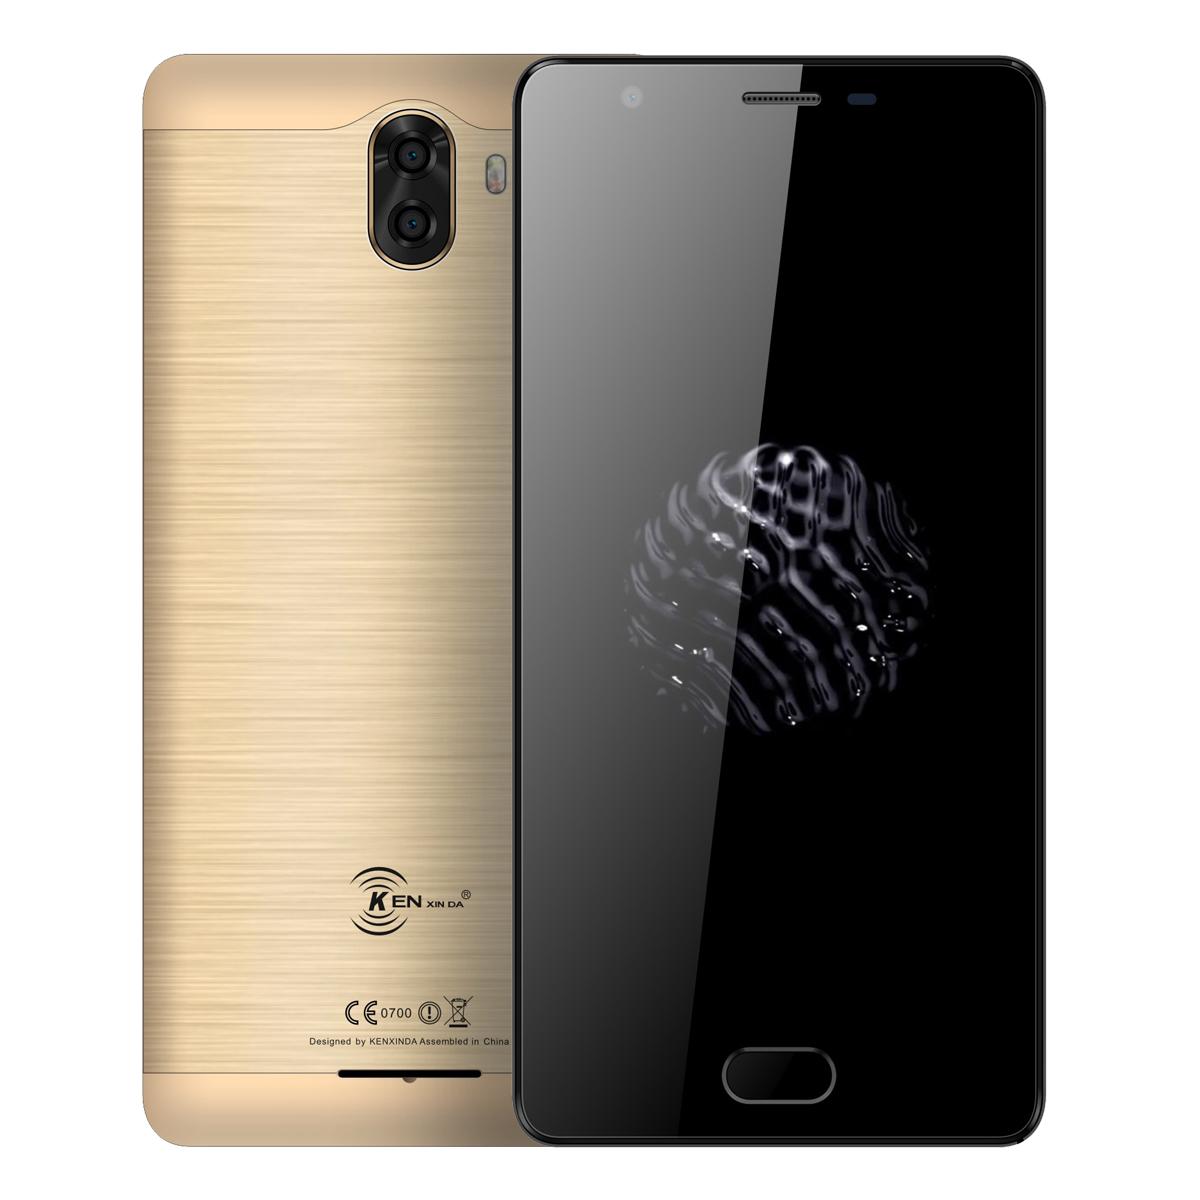 KENXINDA S6 4G Smartphone